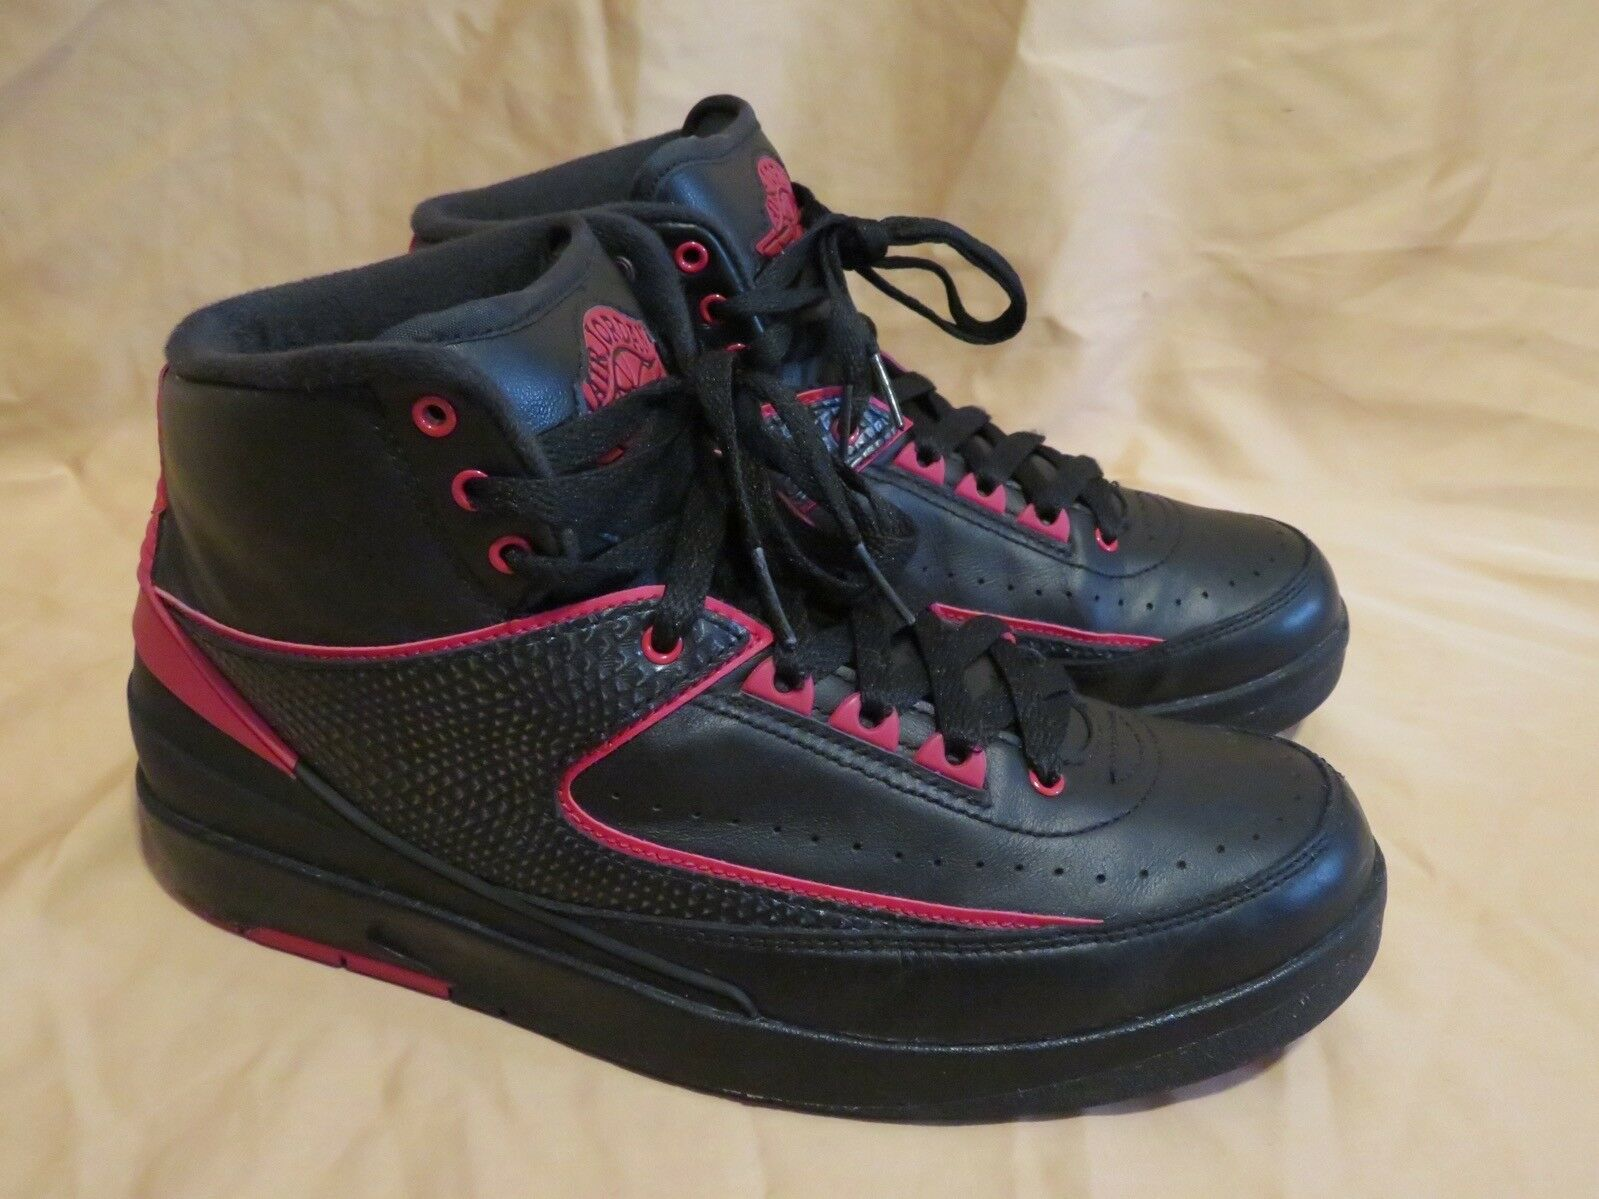 DE LOS HOMBRES Nike Jordan 2 criado Retro 834274 001 Air Negro/Rojo universitario criado 2 alternativo de tamaño 8 73b75b